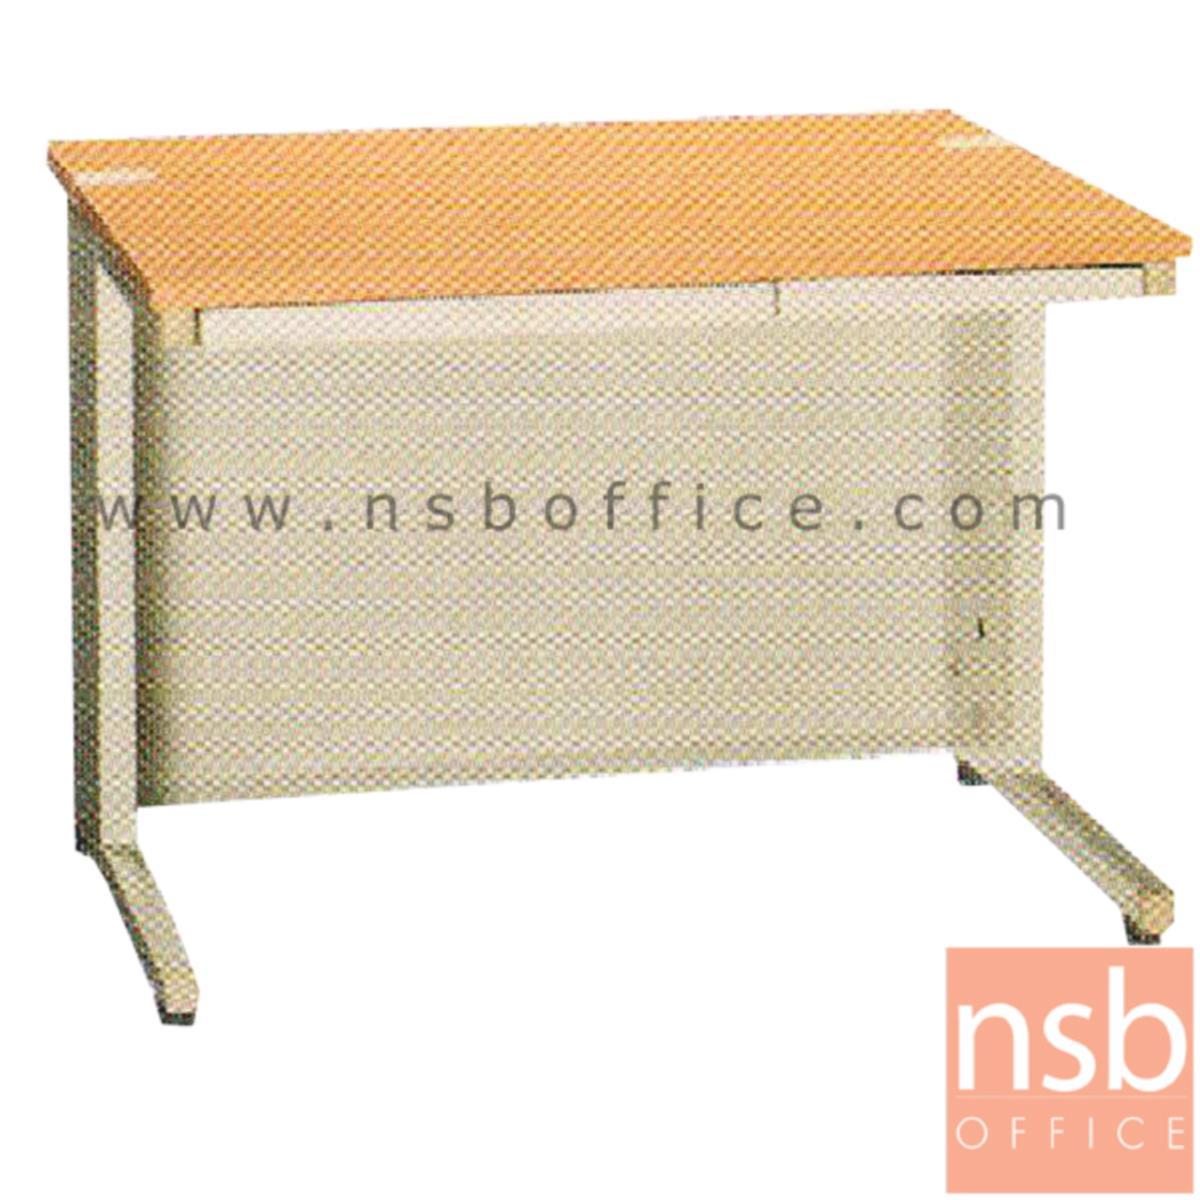 E28A117:โต๊ะทำงานเหล็ก ยี่ห้อ Lucky  รุ่น D-75100,D-75120,D-75140